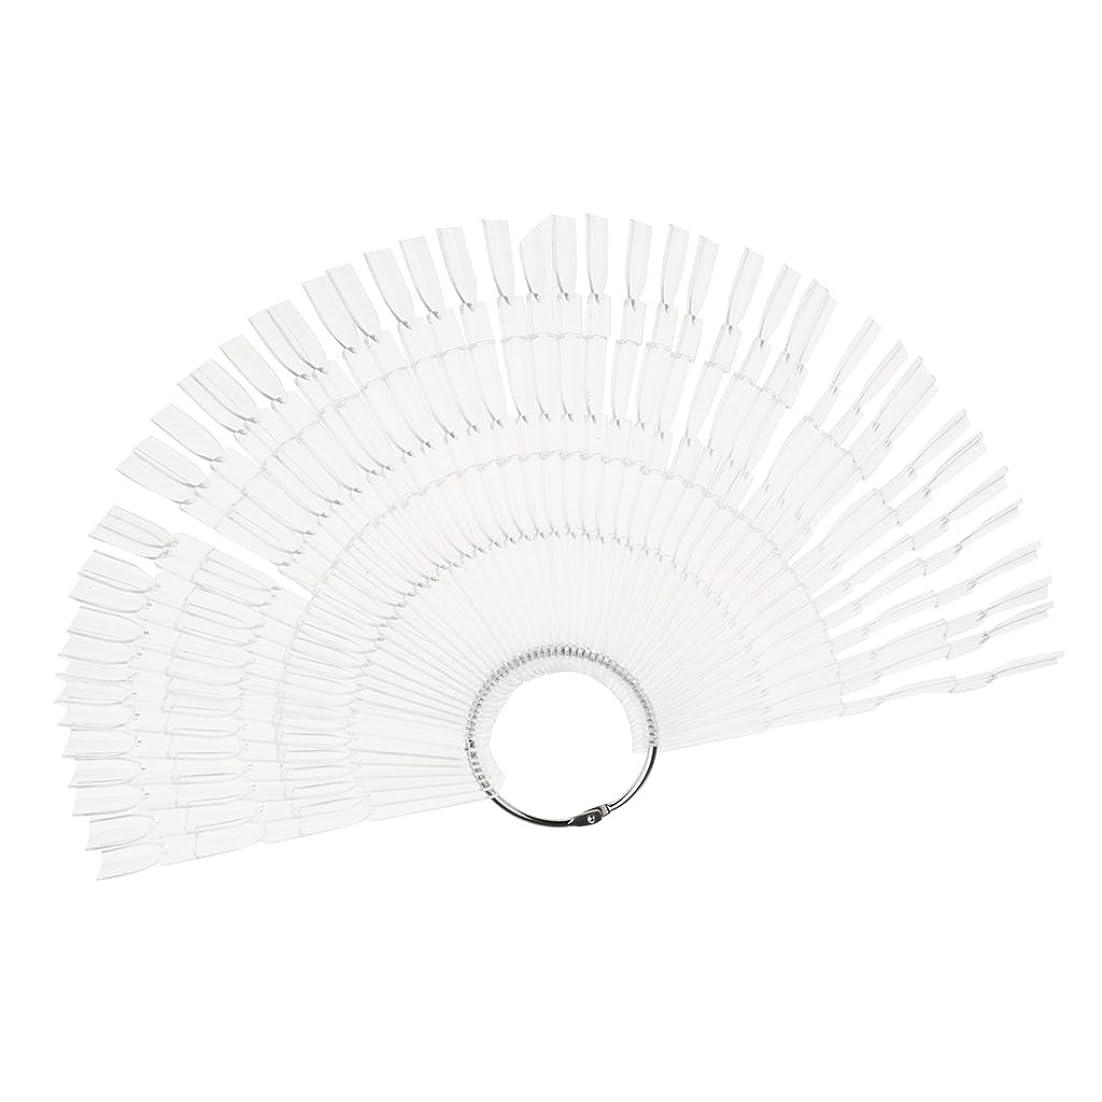 ネイルアート カラー表示チャート 約50個の扇形ヒント ネイルパレット 2タイプ選べる - クリア